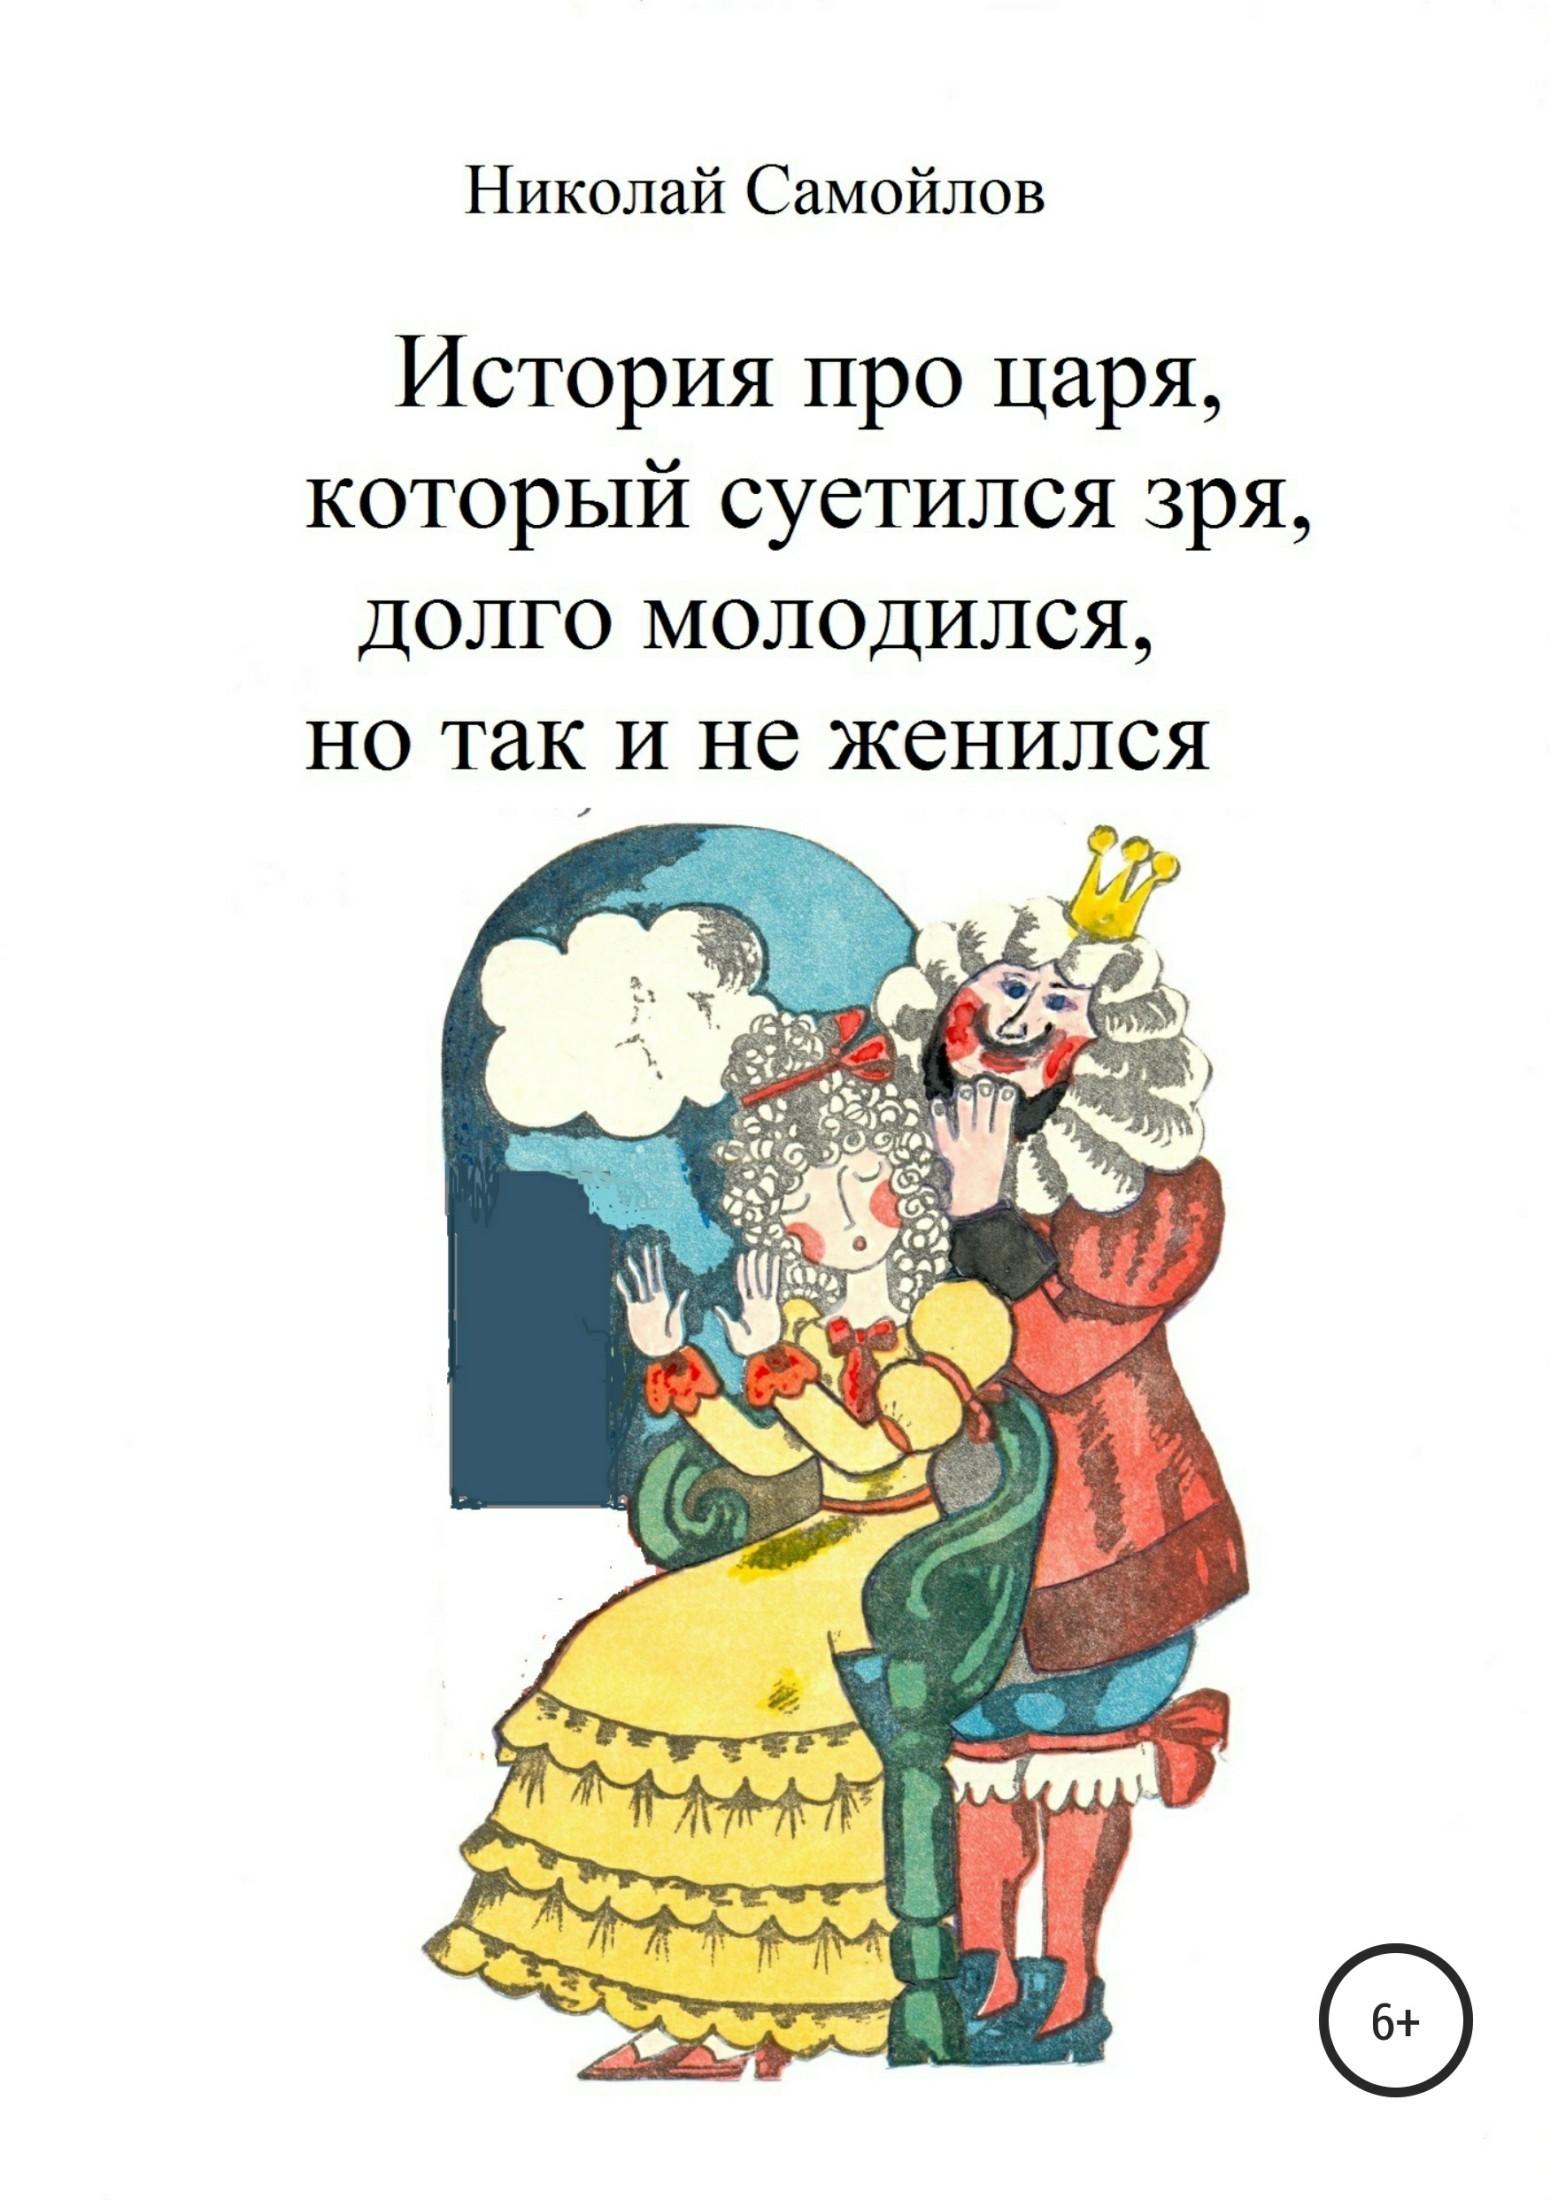 Николай Самойлов - История про царя, который суетился зря, долго молодился, но так и не женился